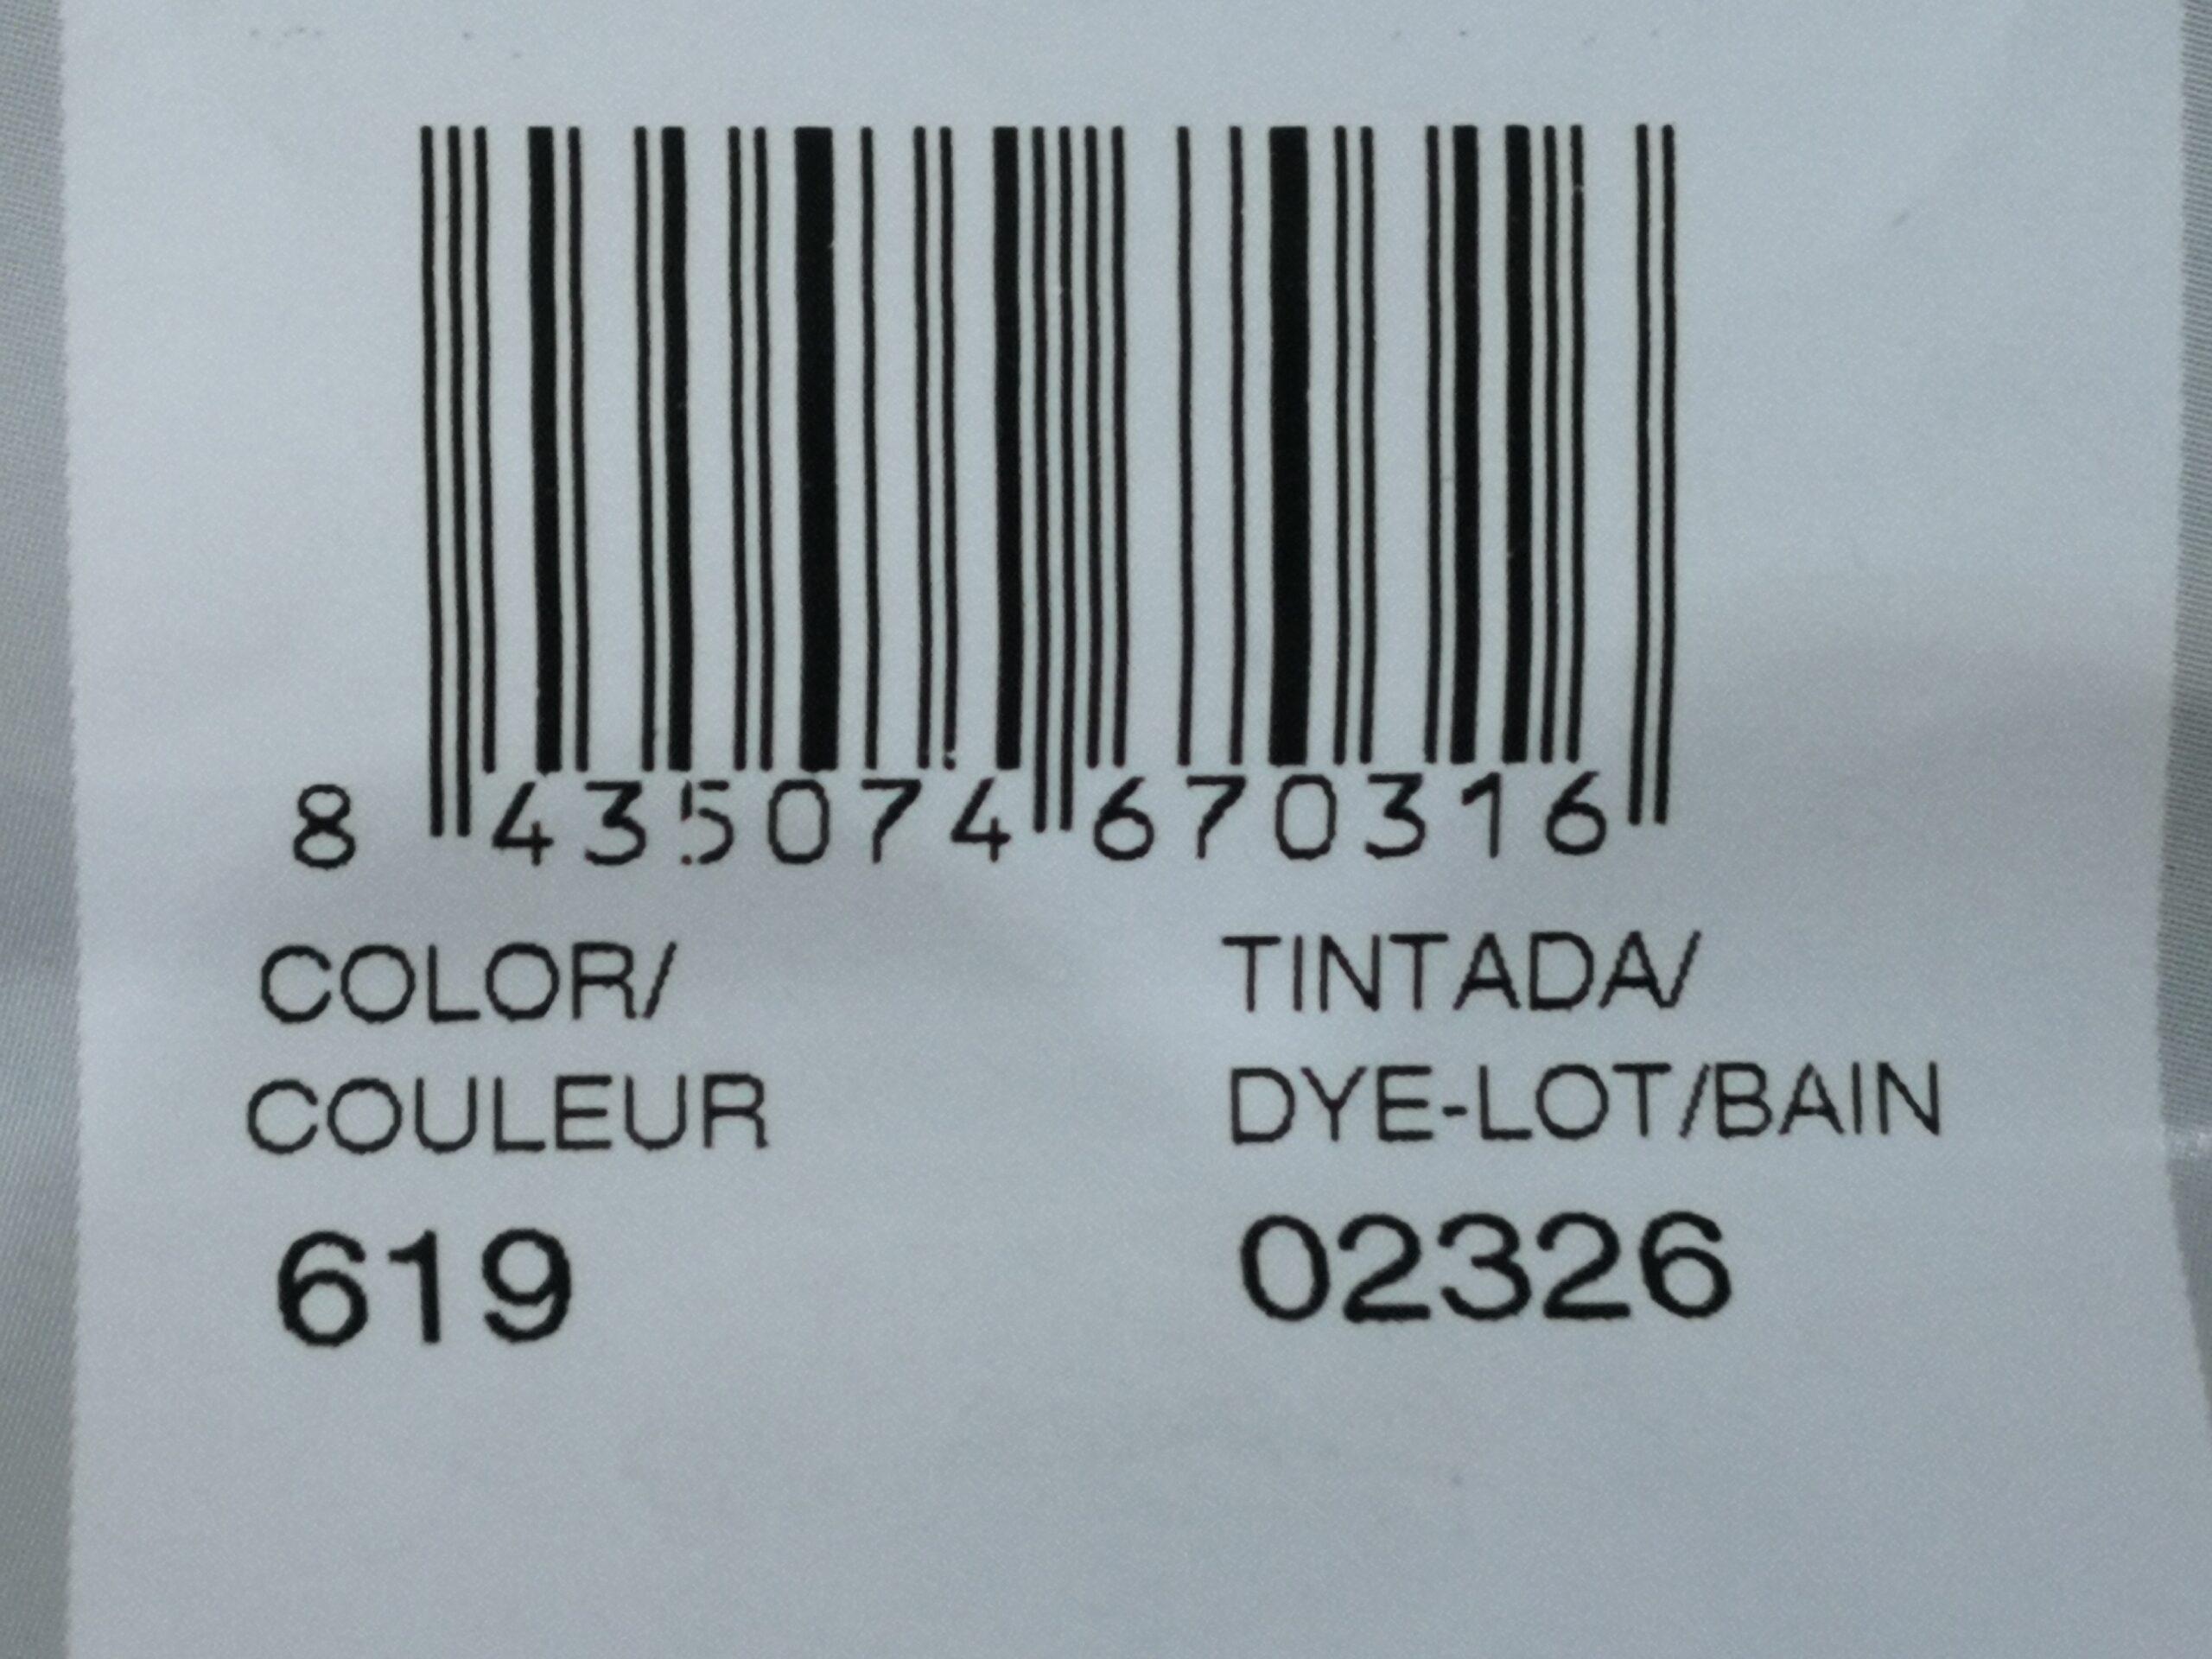 número de color y código de tintado